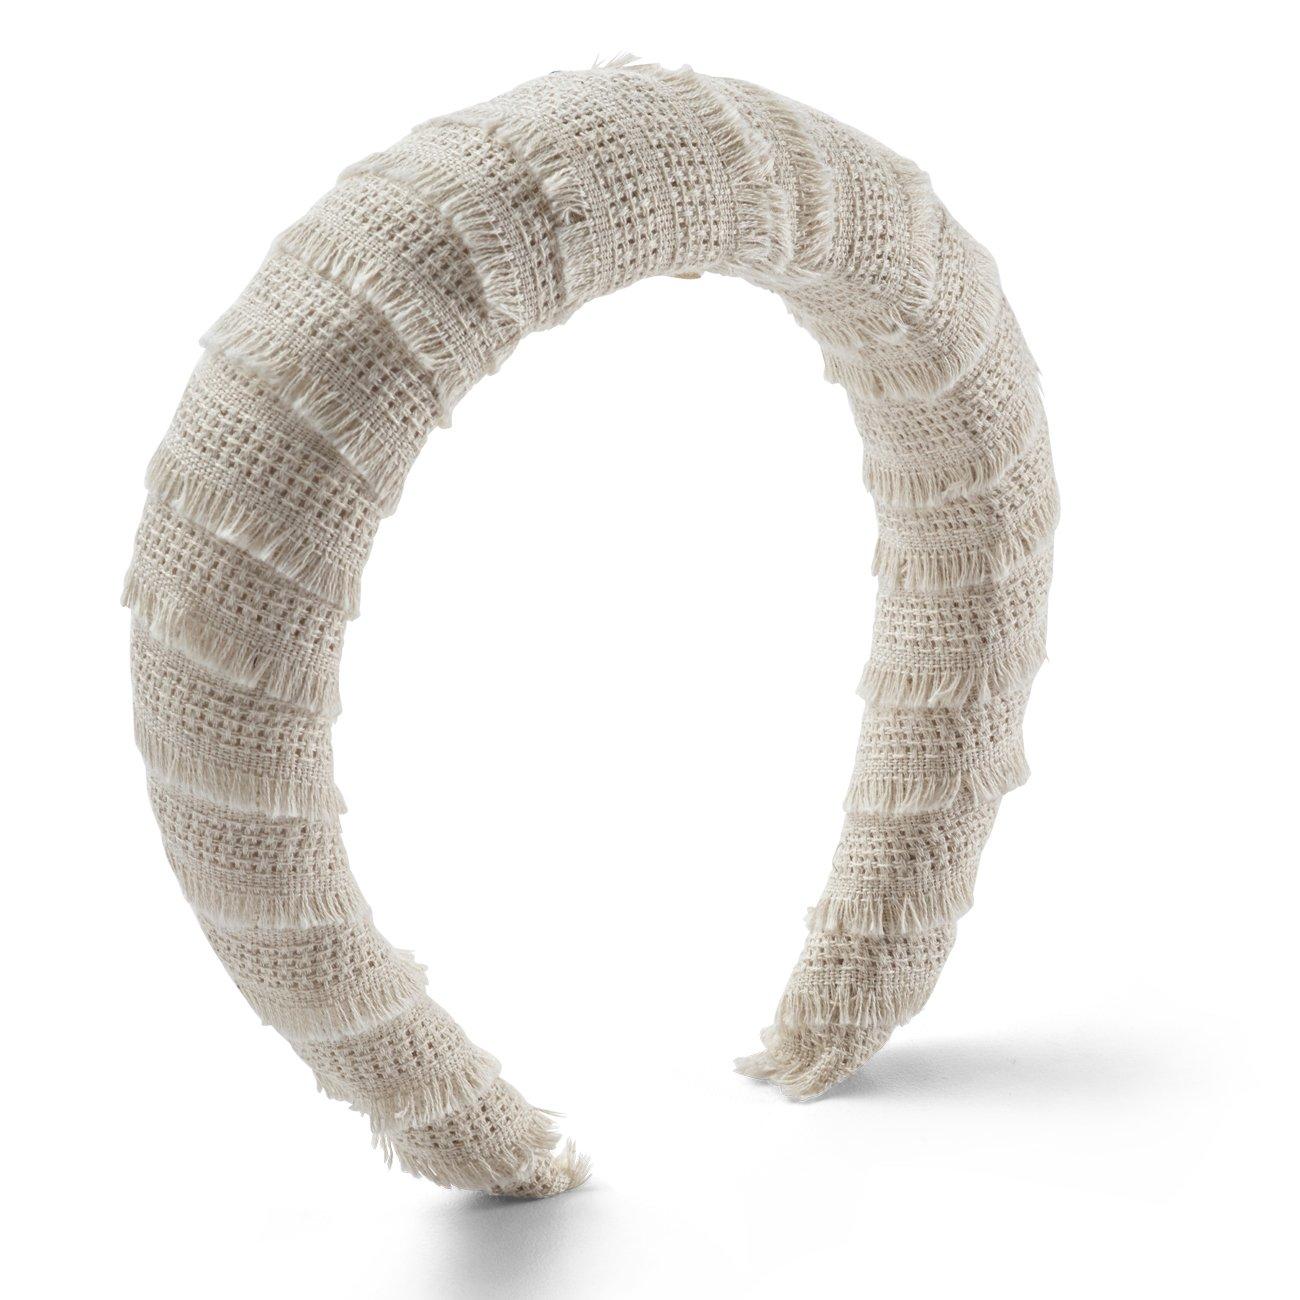 Inauguration Fashion 2021: Lelet NY croissant headband, $168